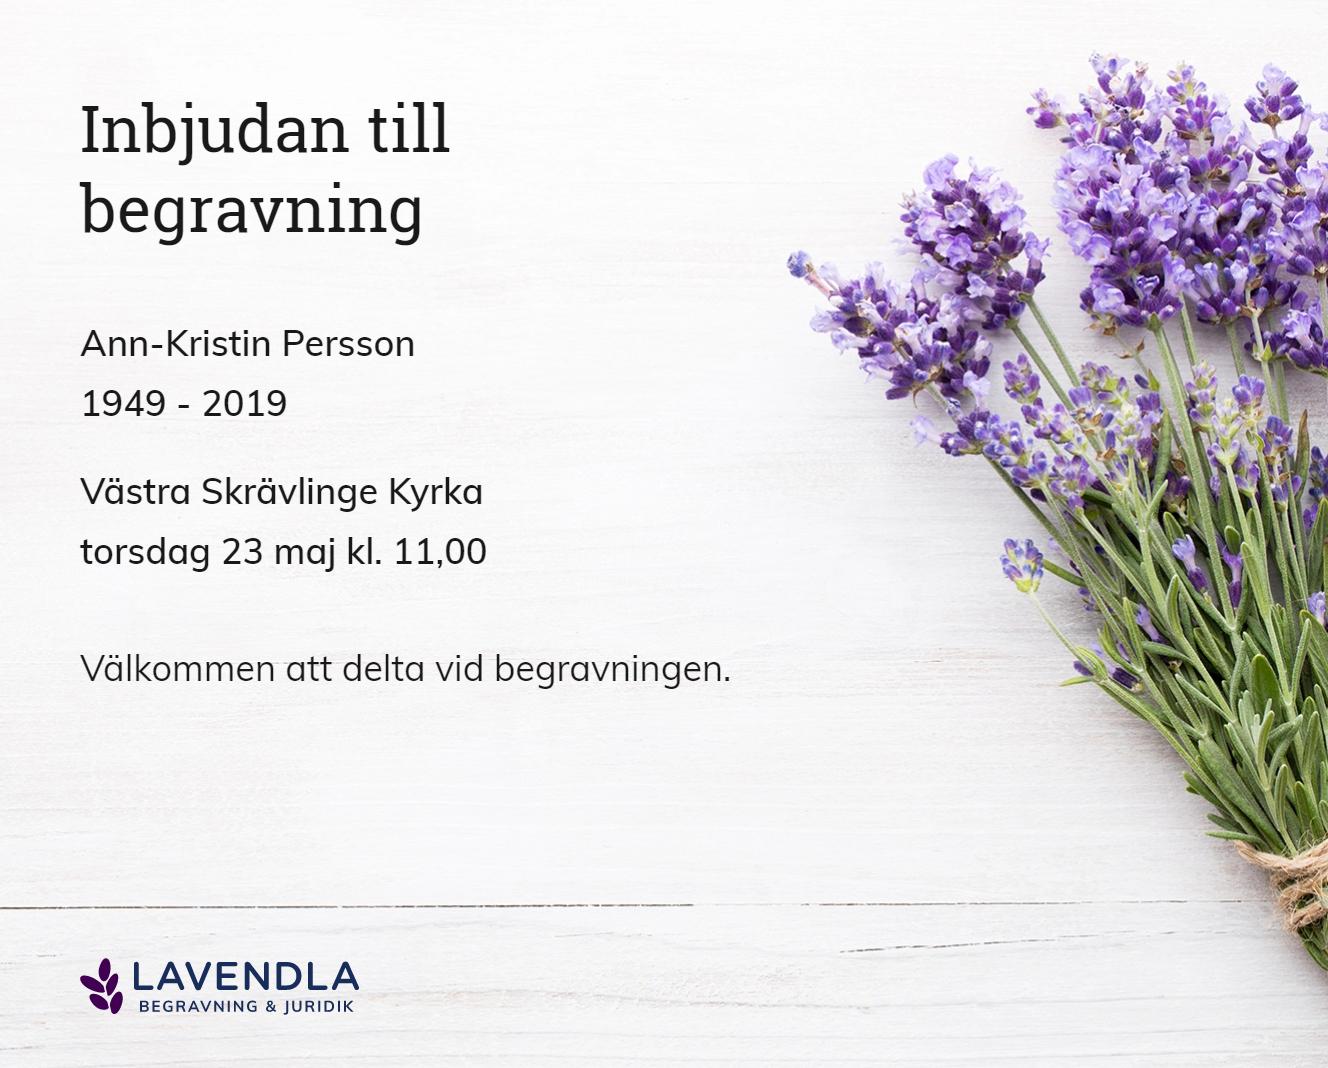 Inbjudningskort till ceremonin för Ann-Kristin Persson